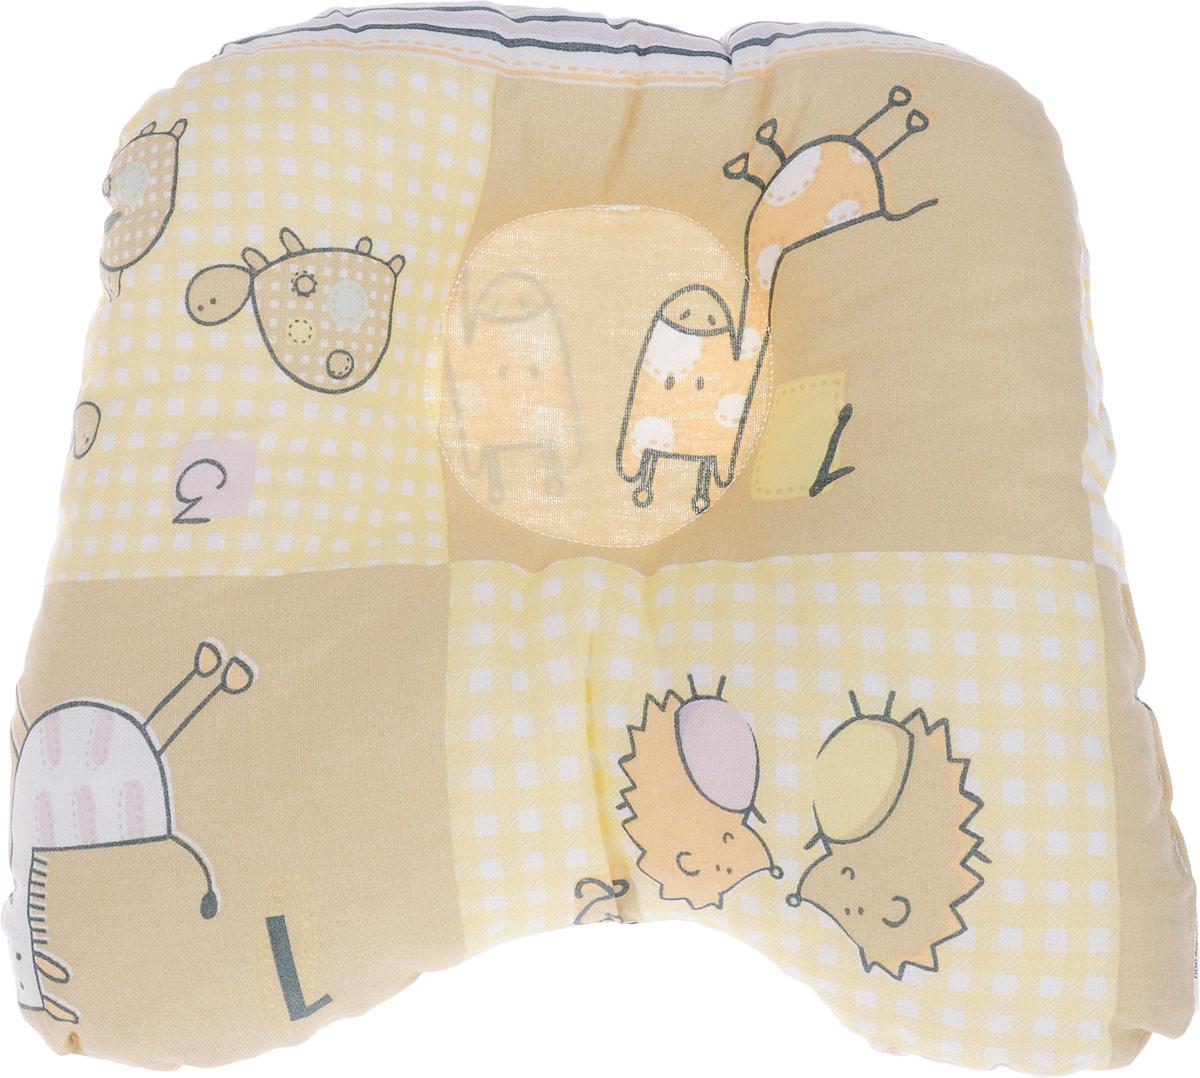 Сонный гномик Подушка анатомическая для младенцев Жираф и черепаха 27 х 25 см96281375Анатомическая подушка для младенцев Сонный гномик Жираф и черепаха изготовлена из бязи - 100% хлопка. Наполнитель - синтепон в гранулах (100% полиэстер).Подушка компактна и удобна для пеленания малыша и кормления на руках, она также незаменима для сна ребенка в кроватке и комфортна для использования в коляске на прогулке. Углубление в подушке фиксирует правильное положение головы ребенка.Подушка помогает правильному формированию шейного отдела позвоночника.